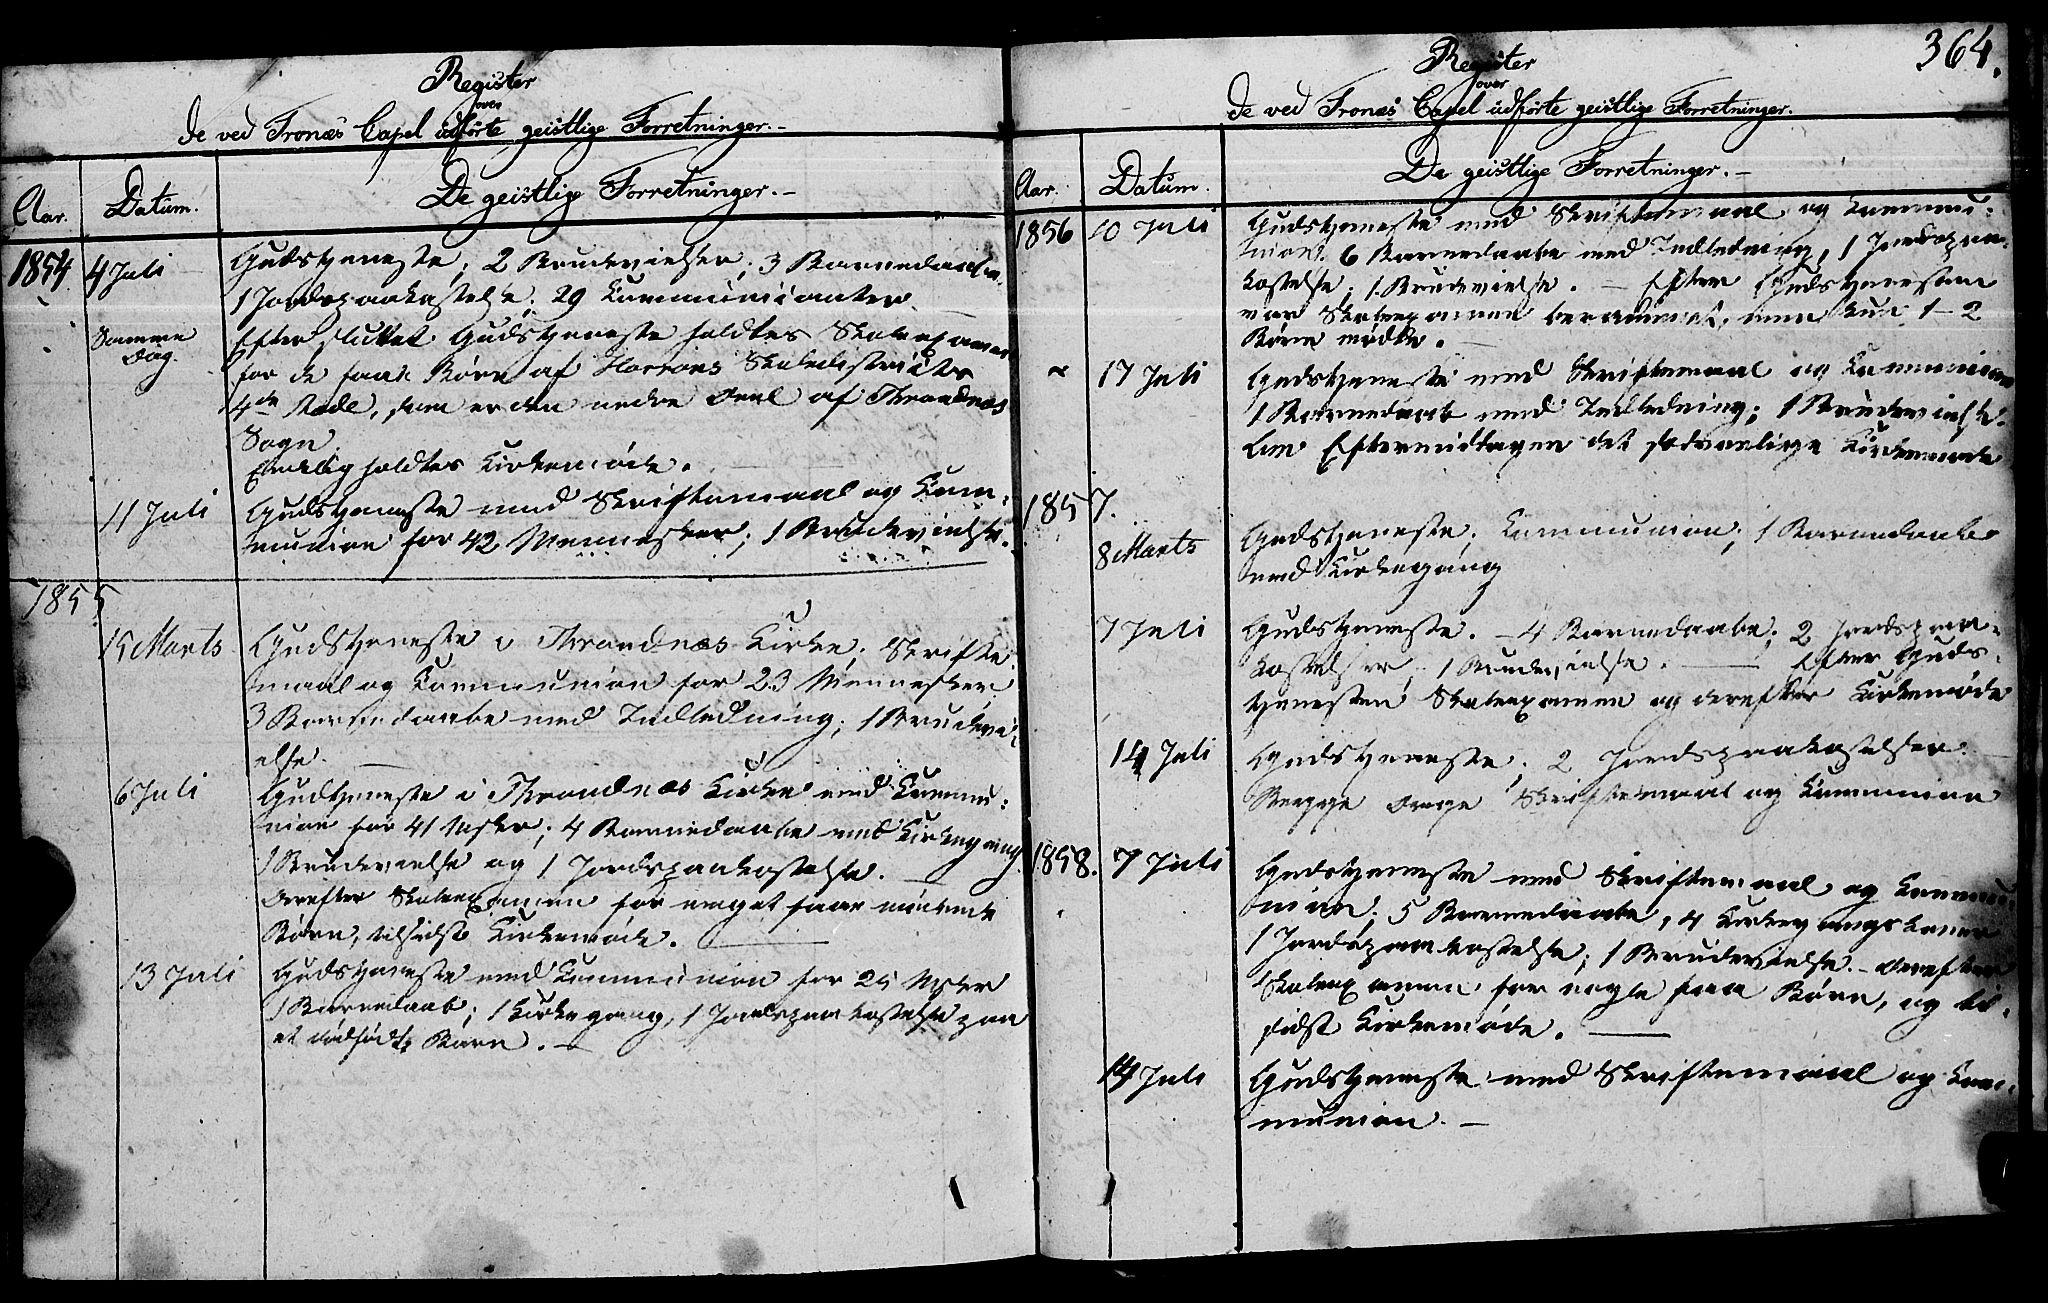 SAT, Ministerialprotokoller, klokkerbøker og fødselsregistre - Nord-Trøndelag, 762/L0538: Ministerialbok nr. 762A02 /2, 1833-1879, s. 364